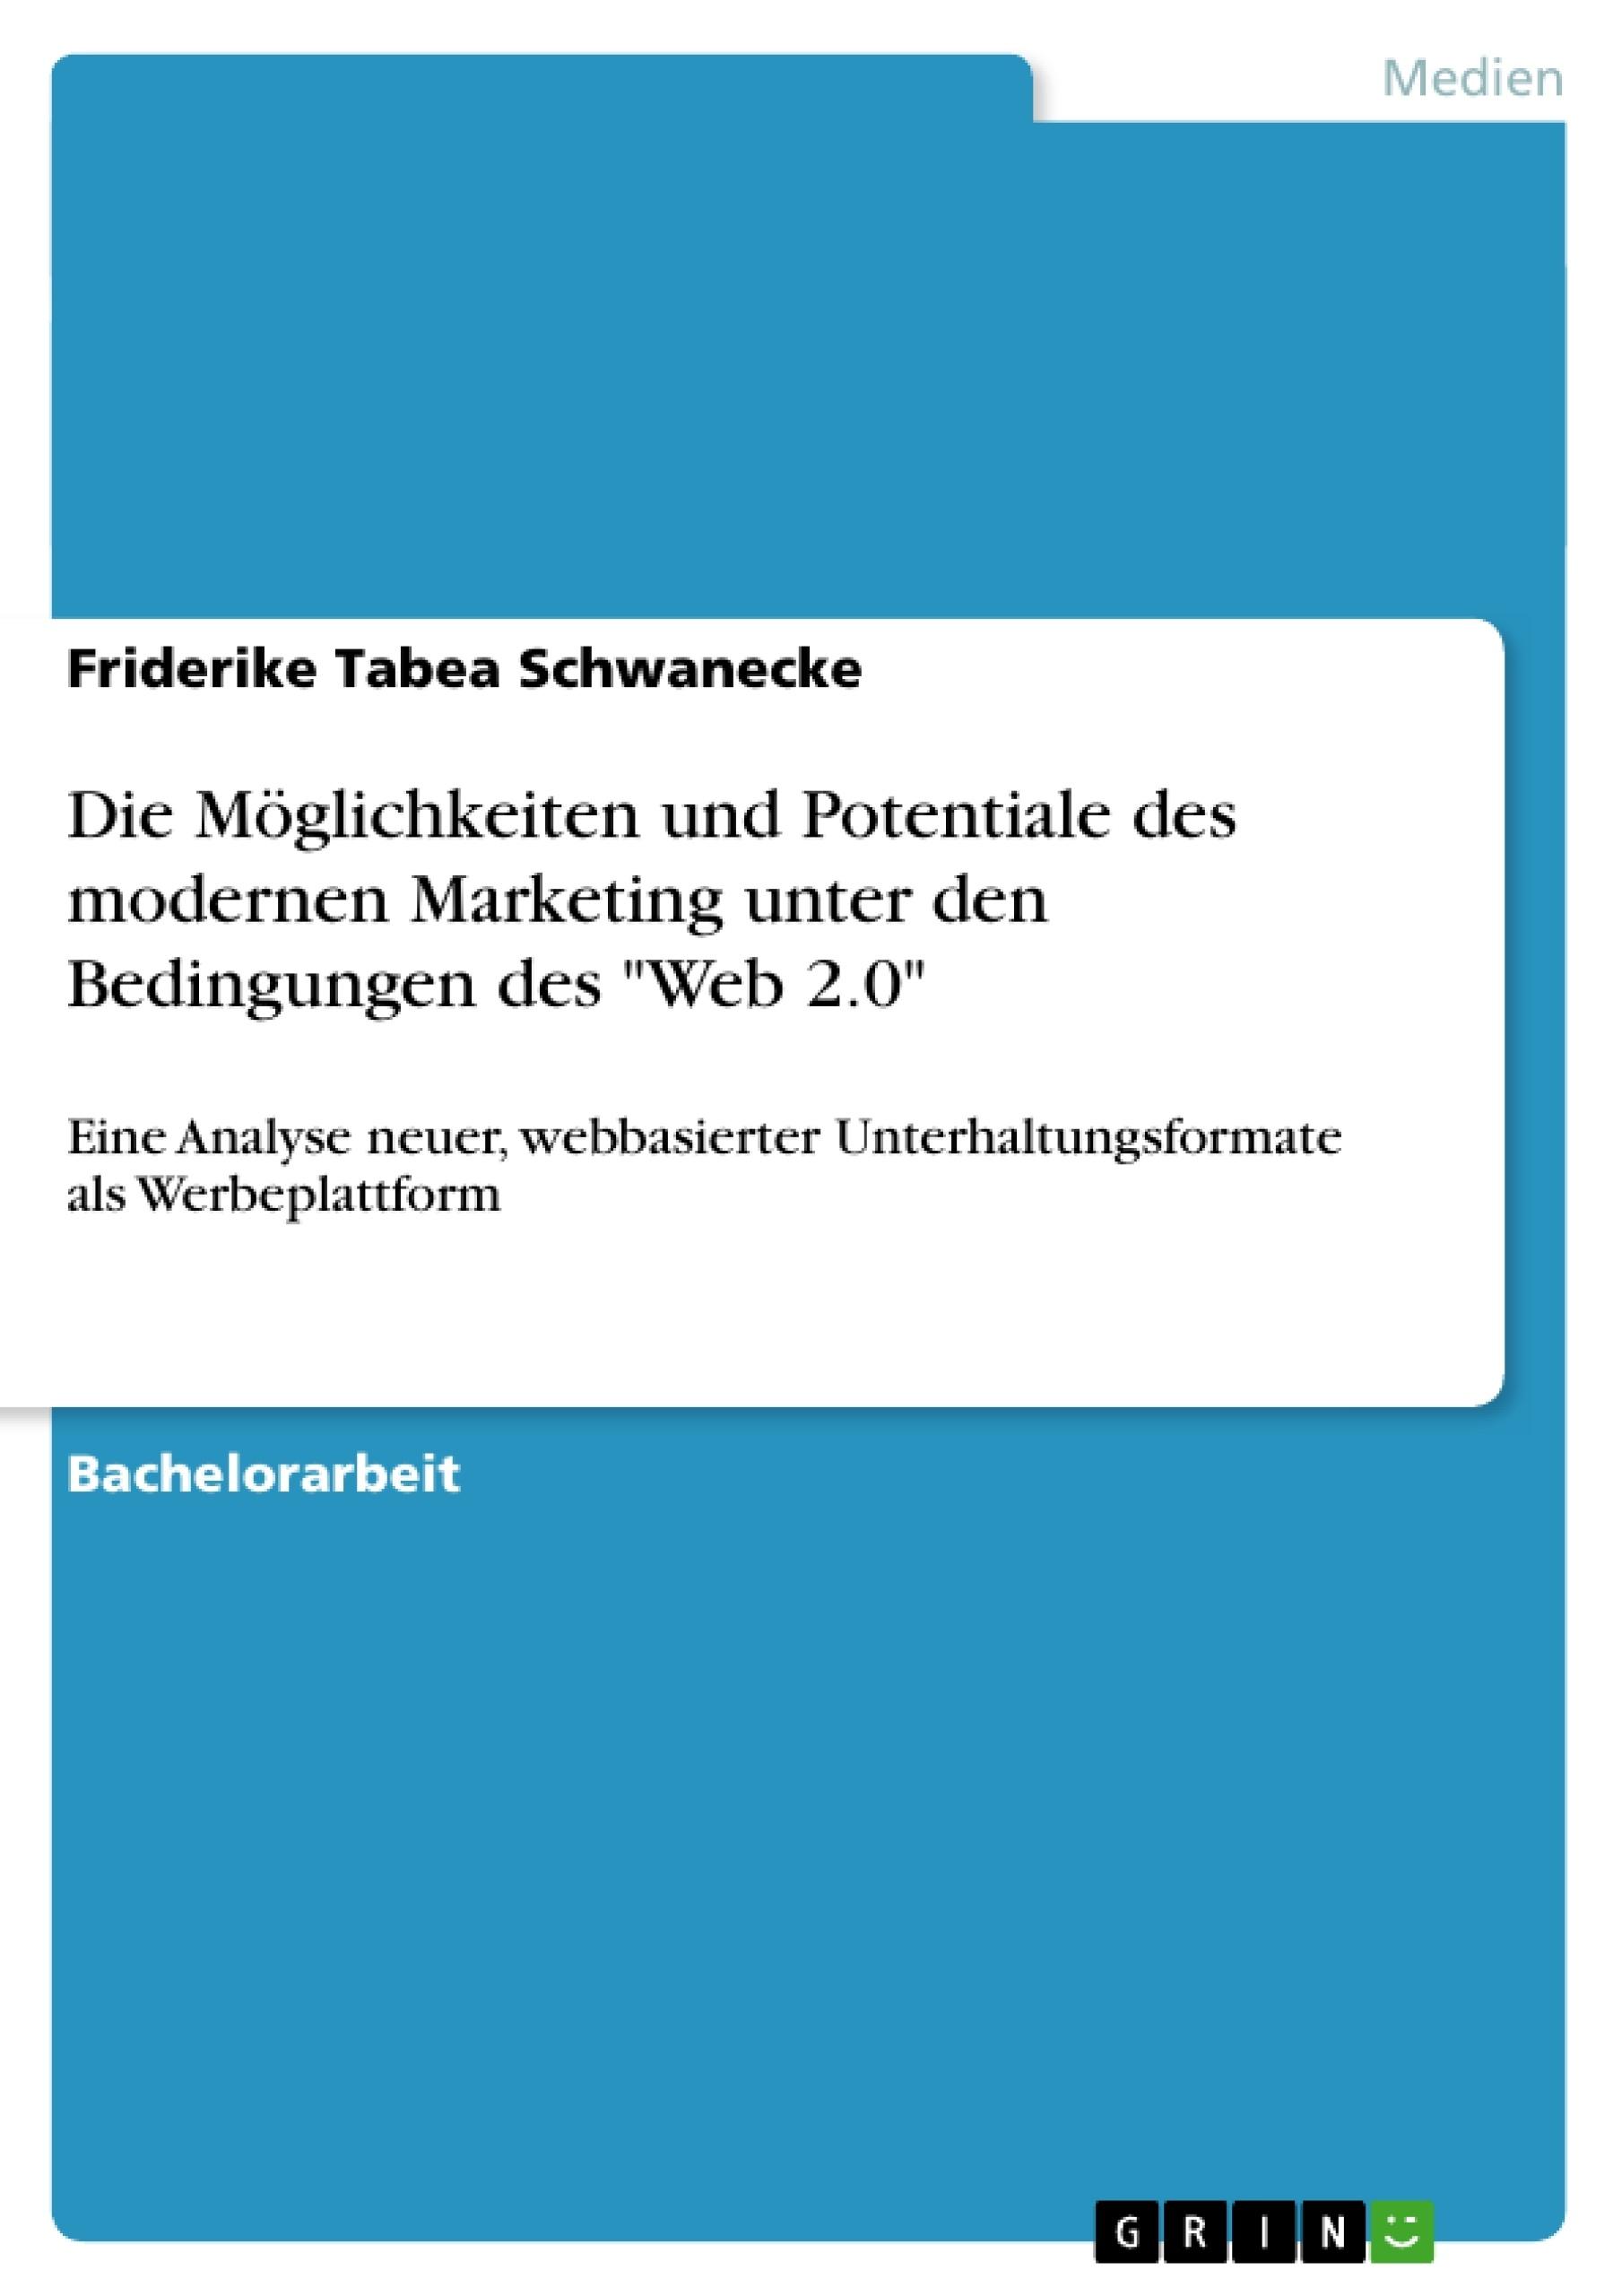 """Titel: Die Möglichkeiten und Potentiale des modernen Marketing  unter den Bedingungen des """"Web 2.0"""""""